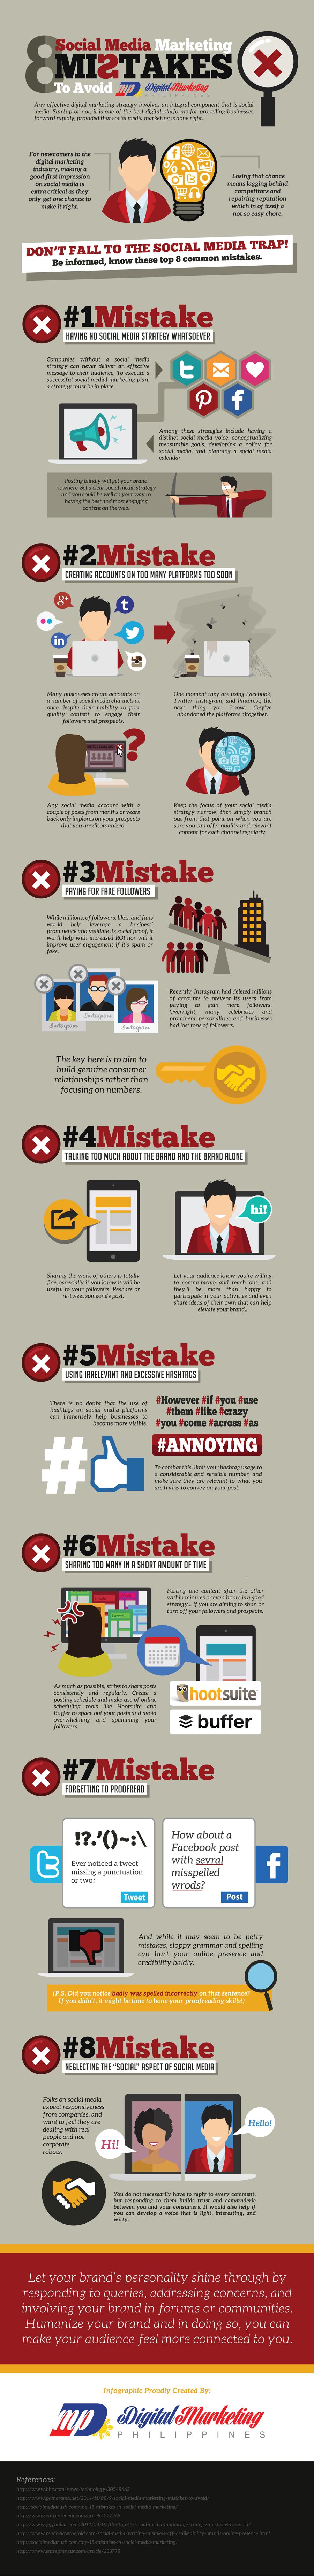 8 Social Media Marketing Mistakes to Avoid (Infographic) - An Infographic from Digital Marketing Philippines